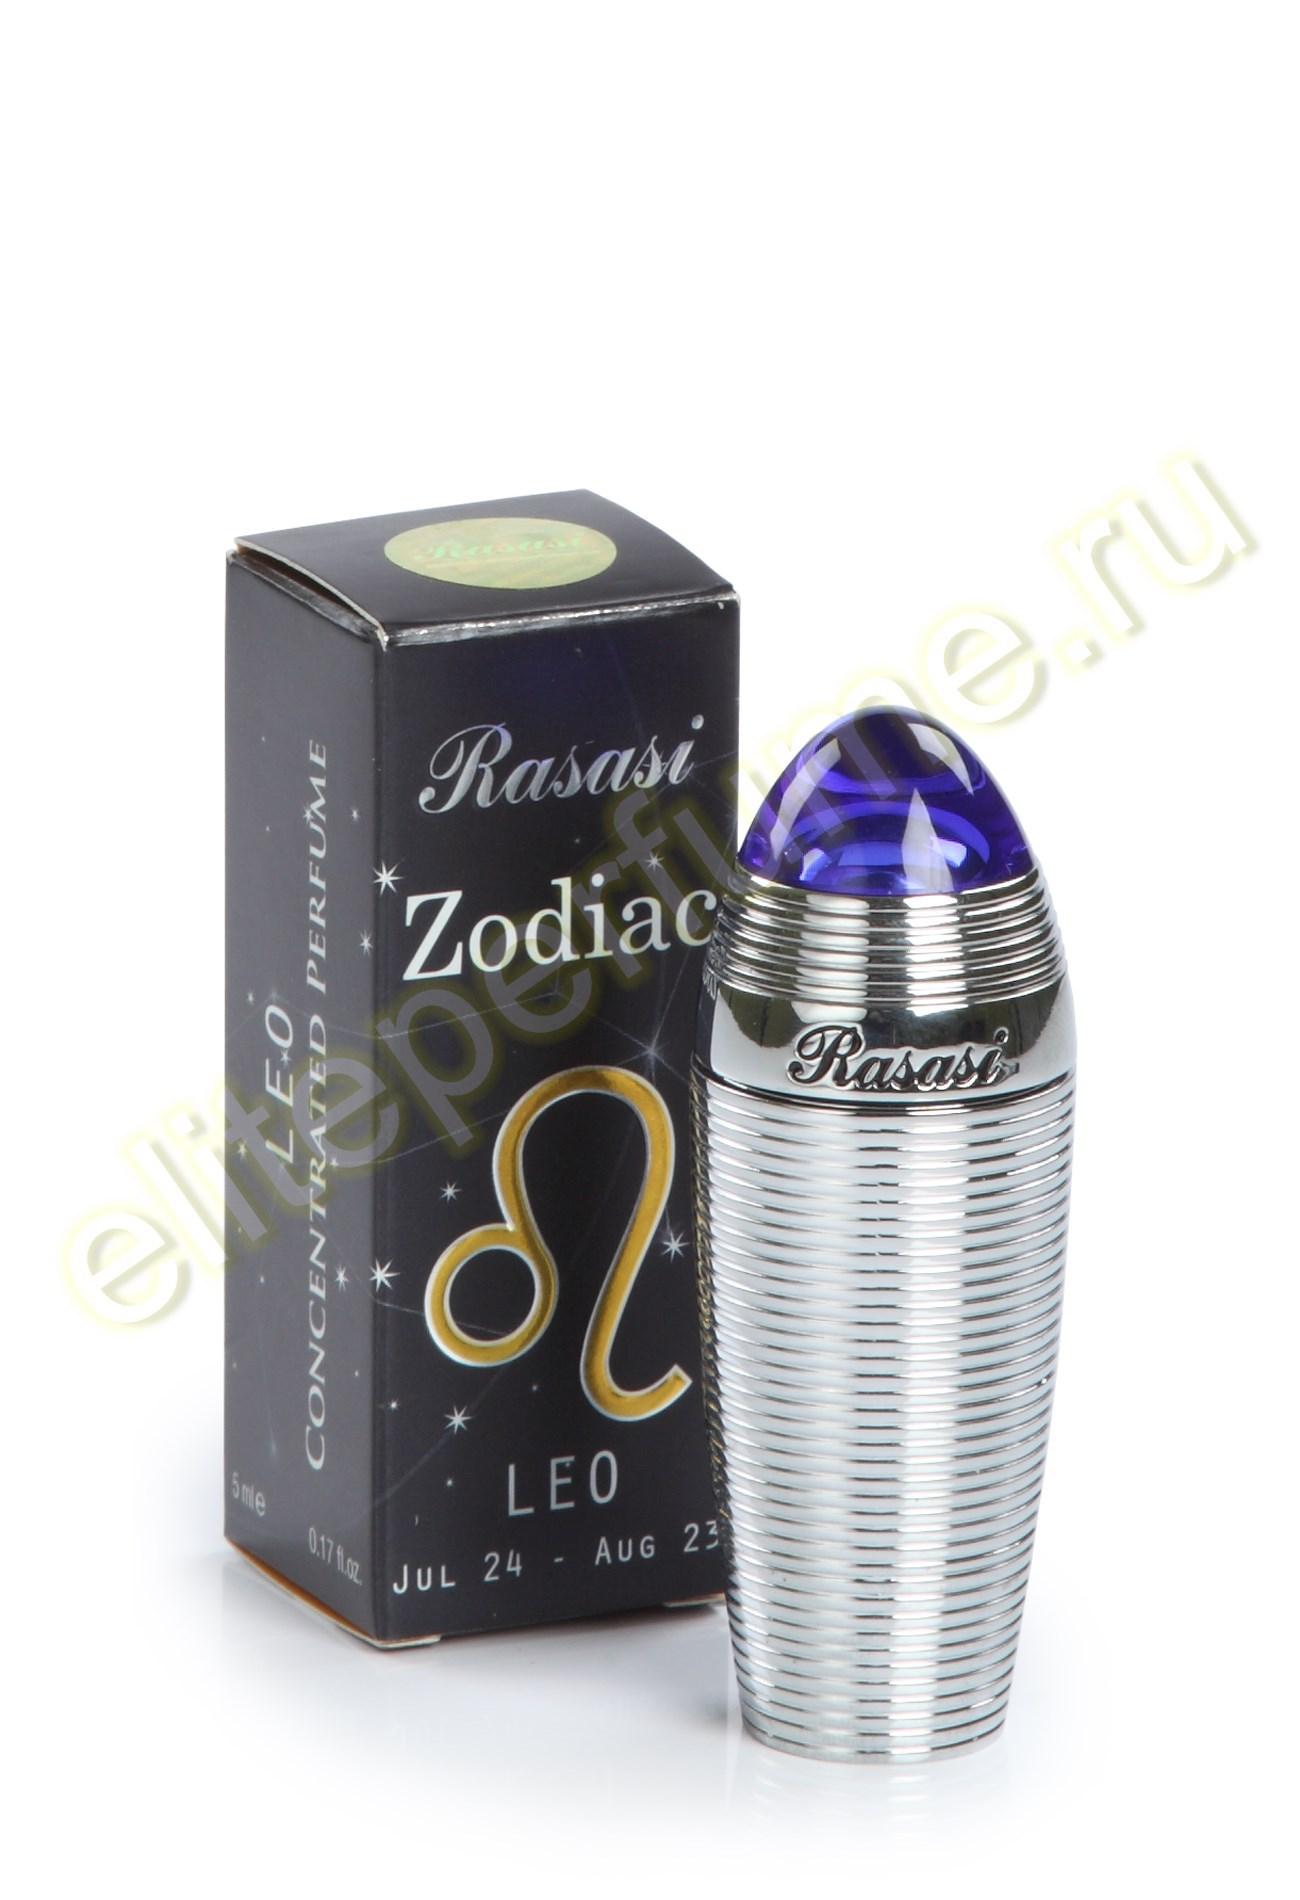 Пробники для арабских духов Зодиак Лев Zodiac Leo 1 мл арабские масляные духи от Расаси Rasasi Perfumes